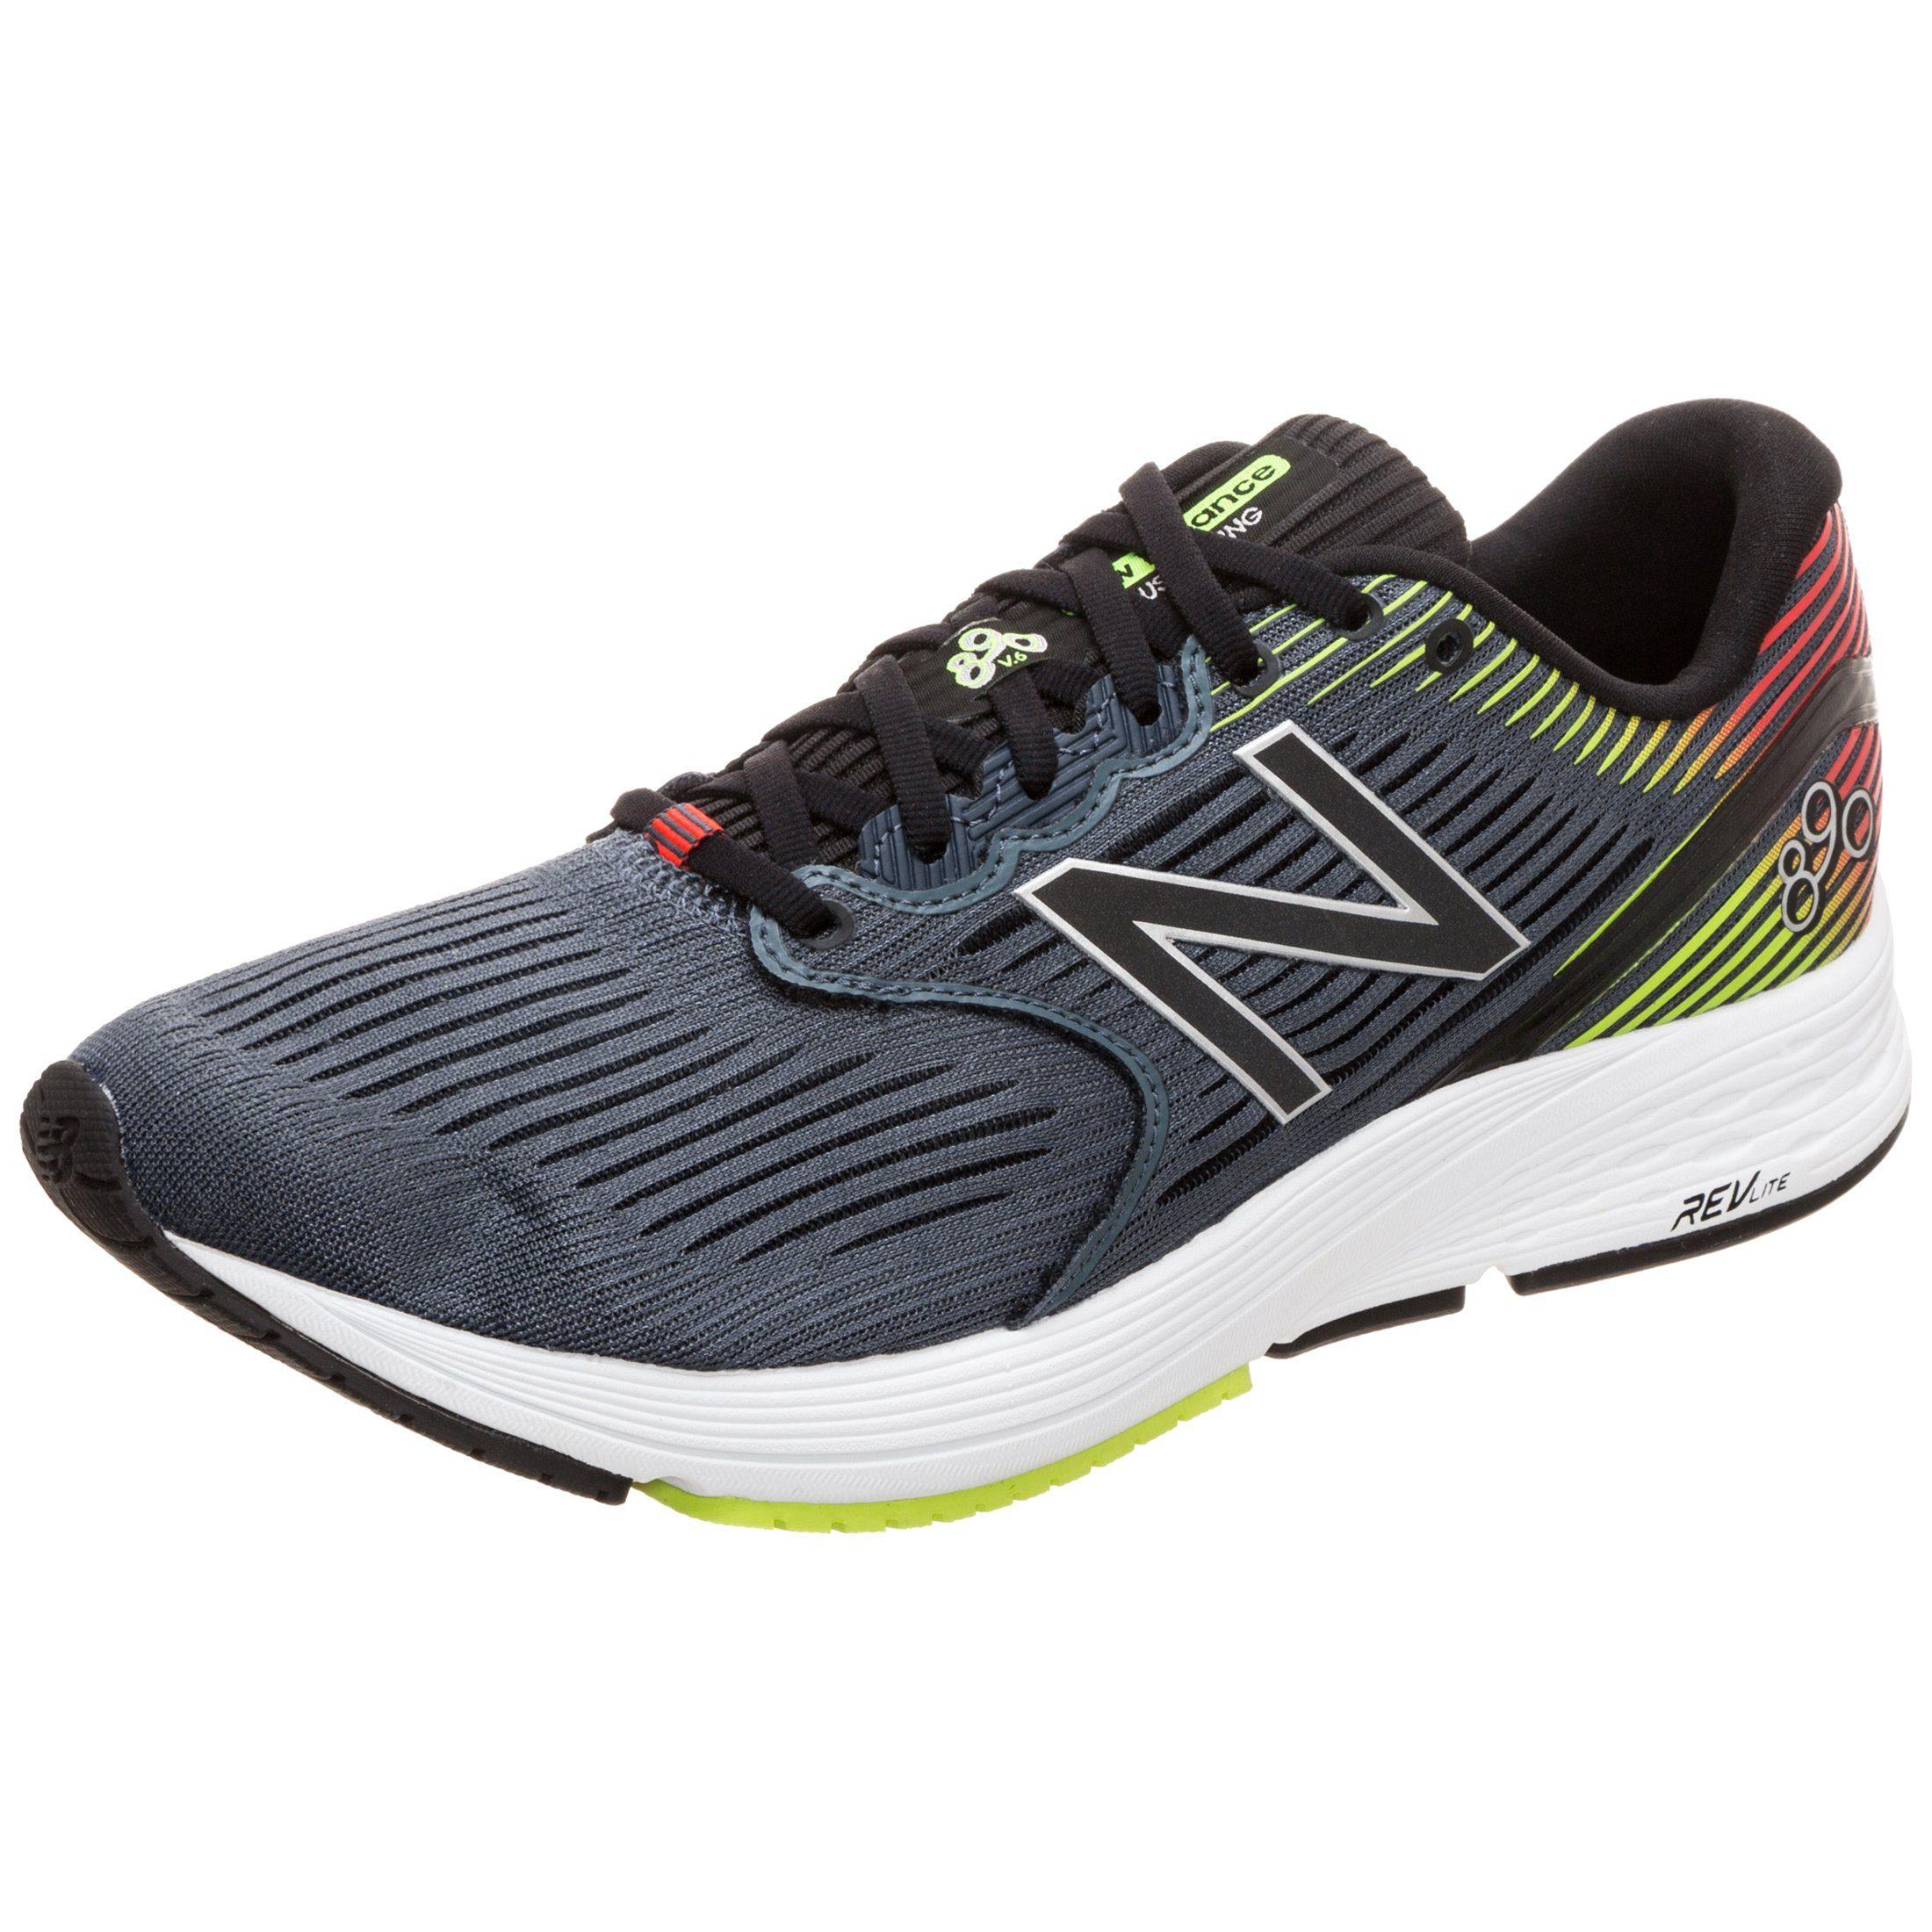 New Balance Laufschuh »890v6« | Schuhe > Sportschuhe > Laufschuhe | Grau | NEW BALANCE